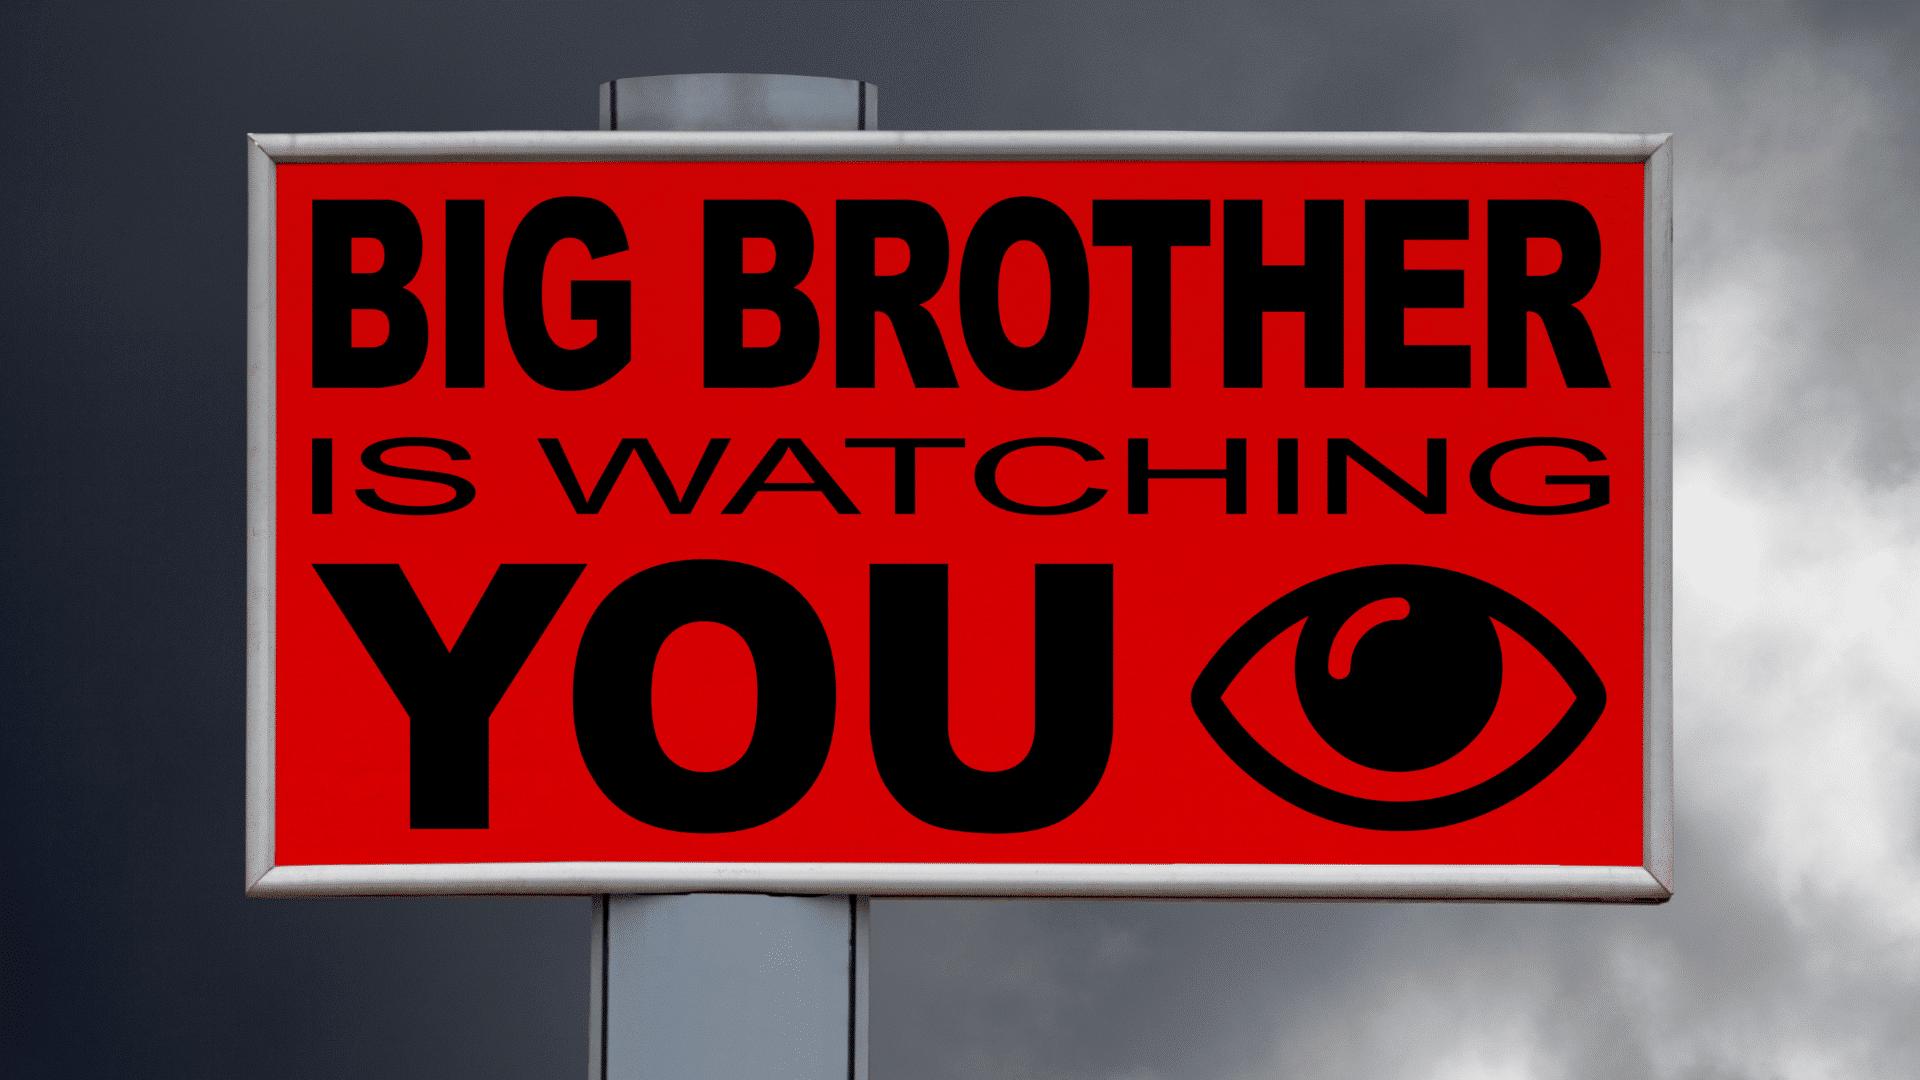 VIDEOSORVEGLIANZA e PRIVACY possono coesistere?